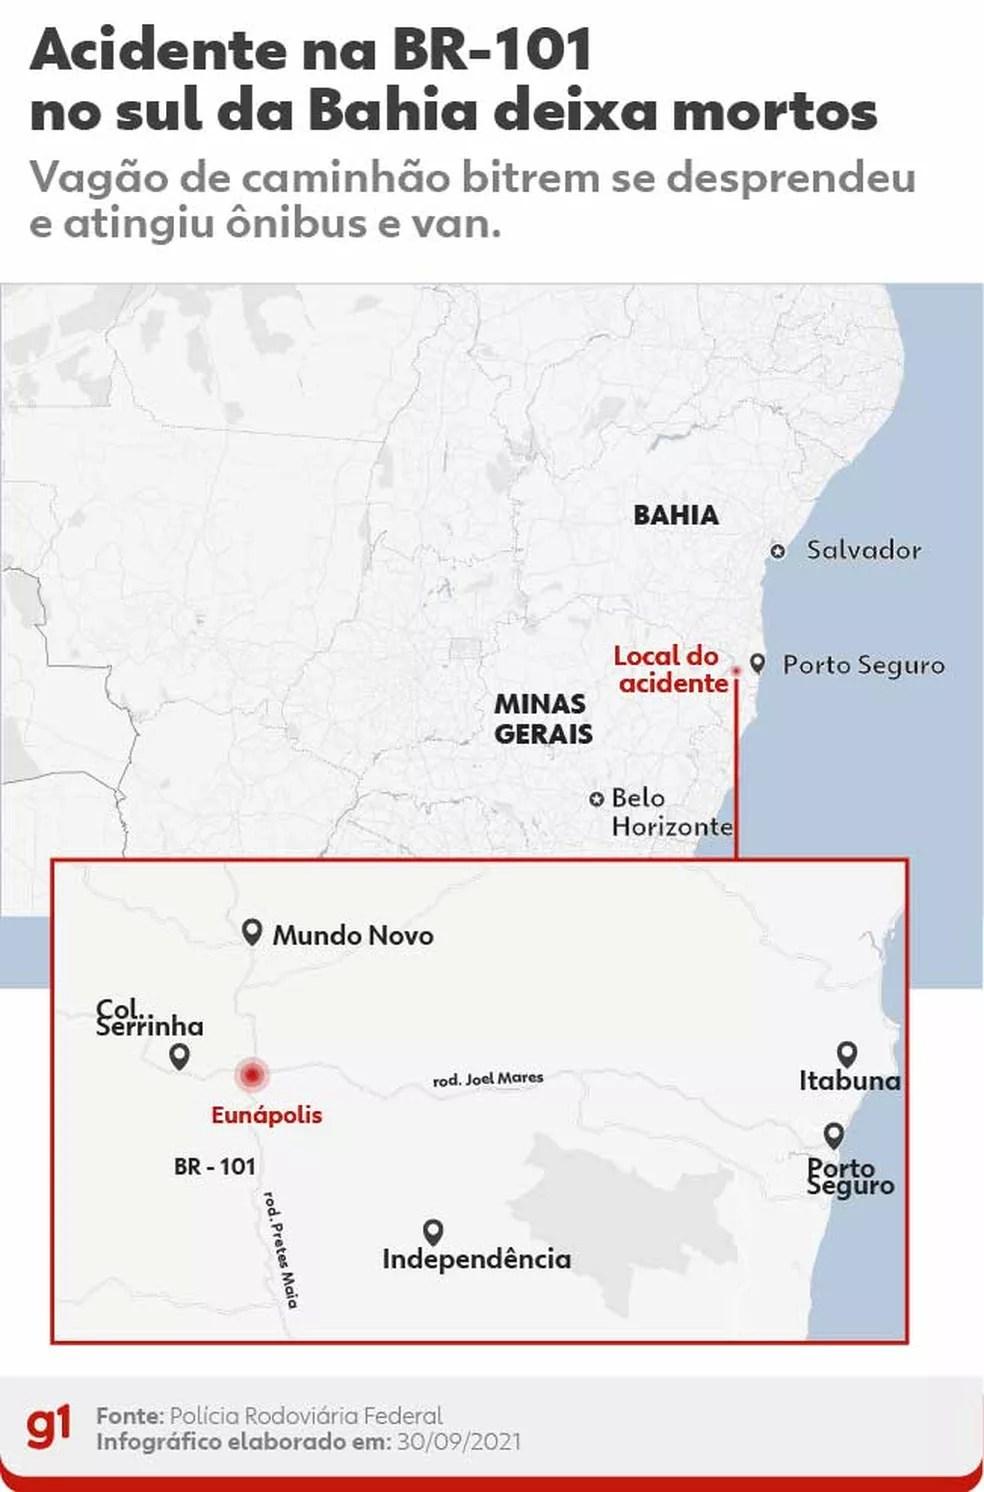 Acidente na BR-101 no sul da Bahia deixa pelo menos 12 mortos. — Foto: Arte G1